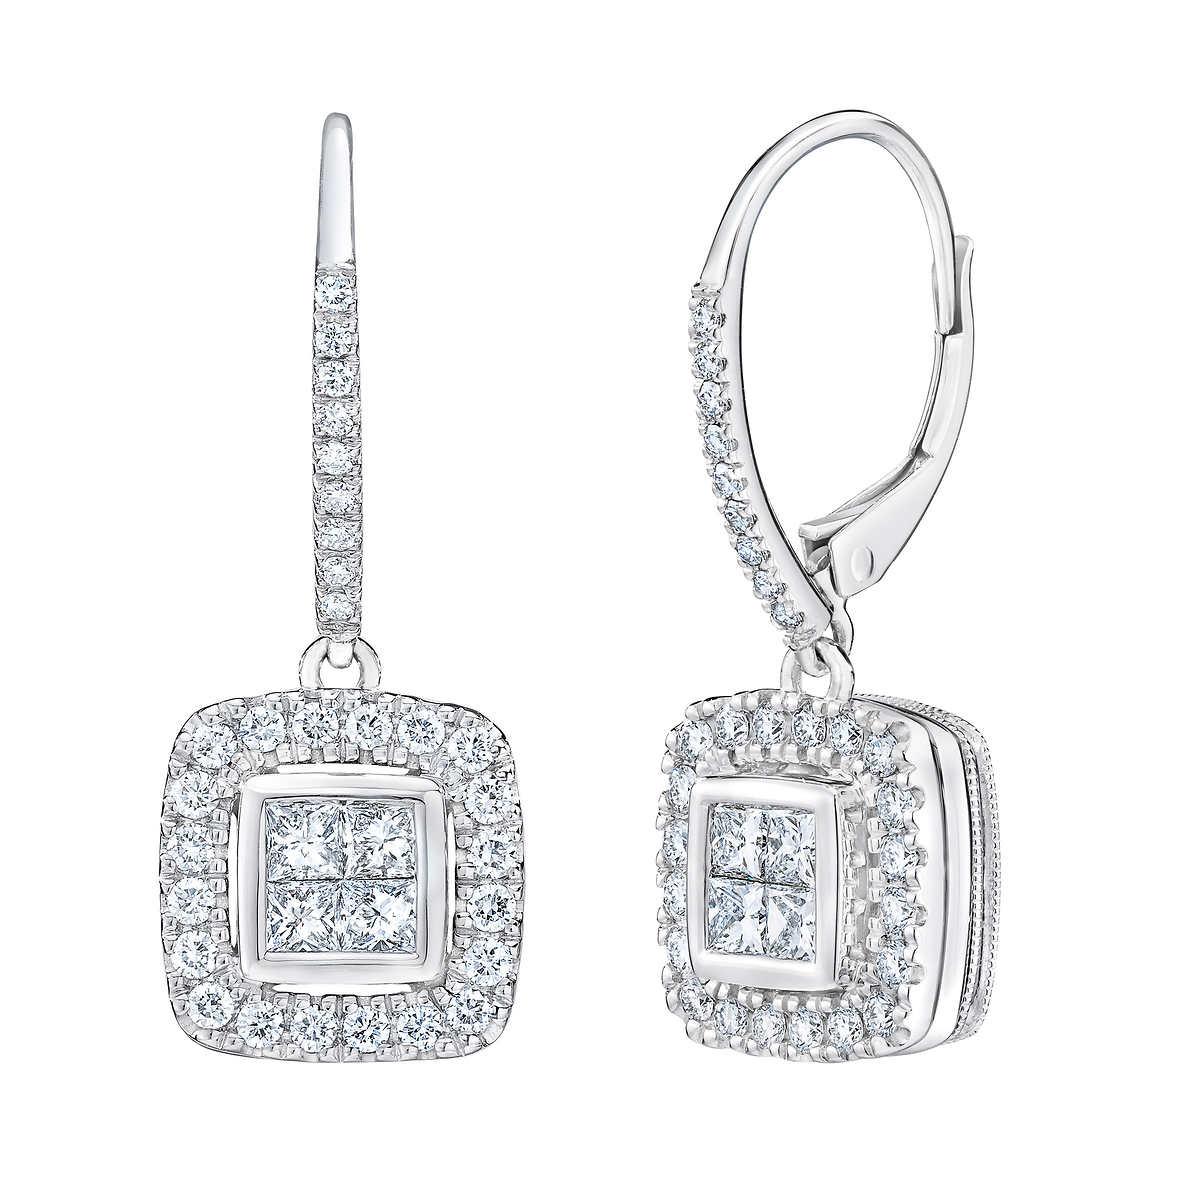 Princess Cut & Round Brilliant 098 Ctw Vs2 Clarity, I Color Diamond 14kt  White Gold